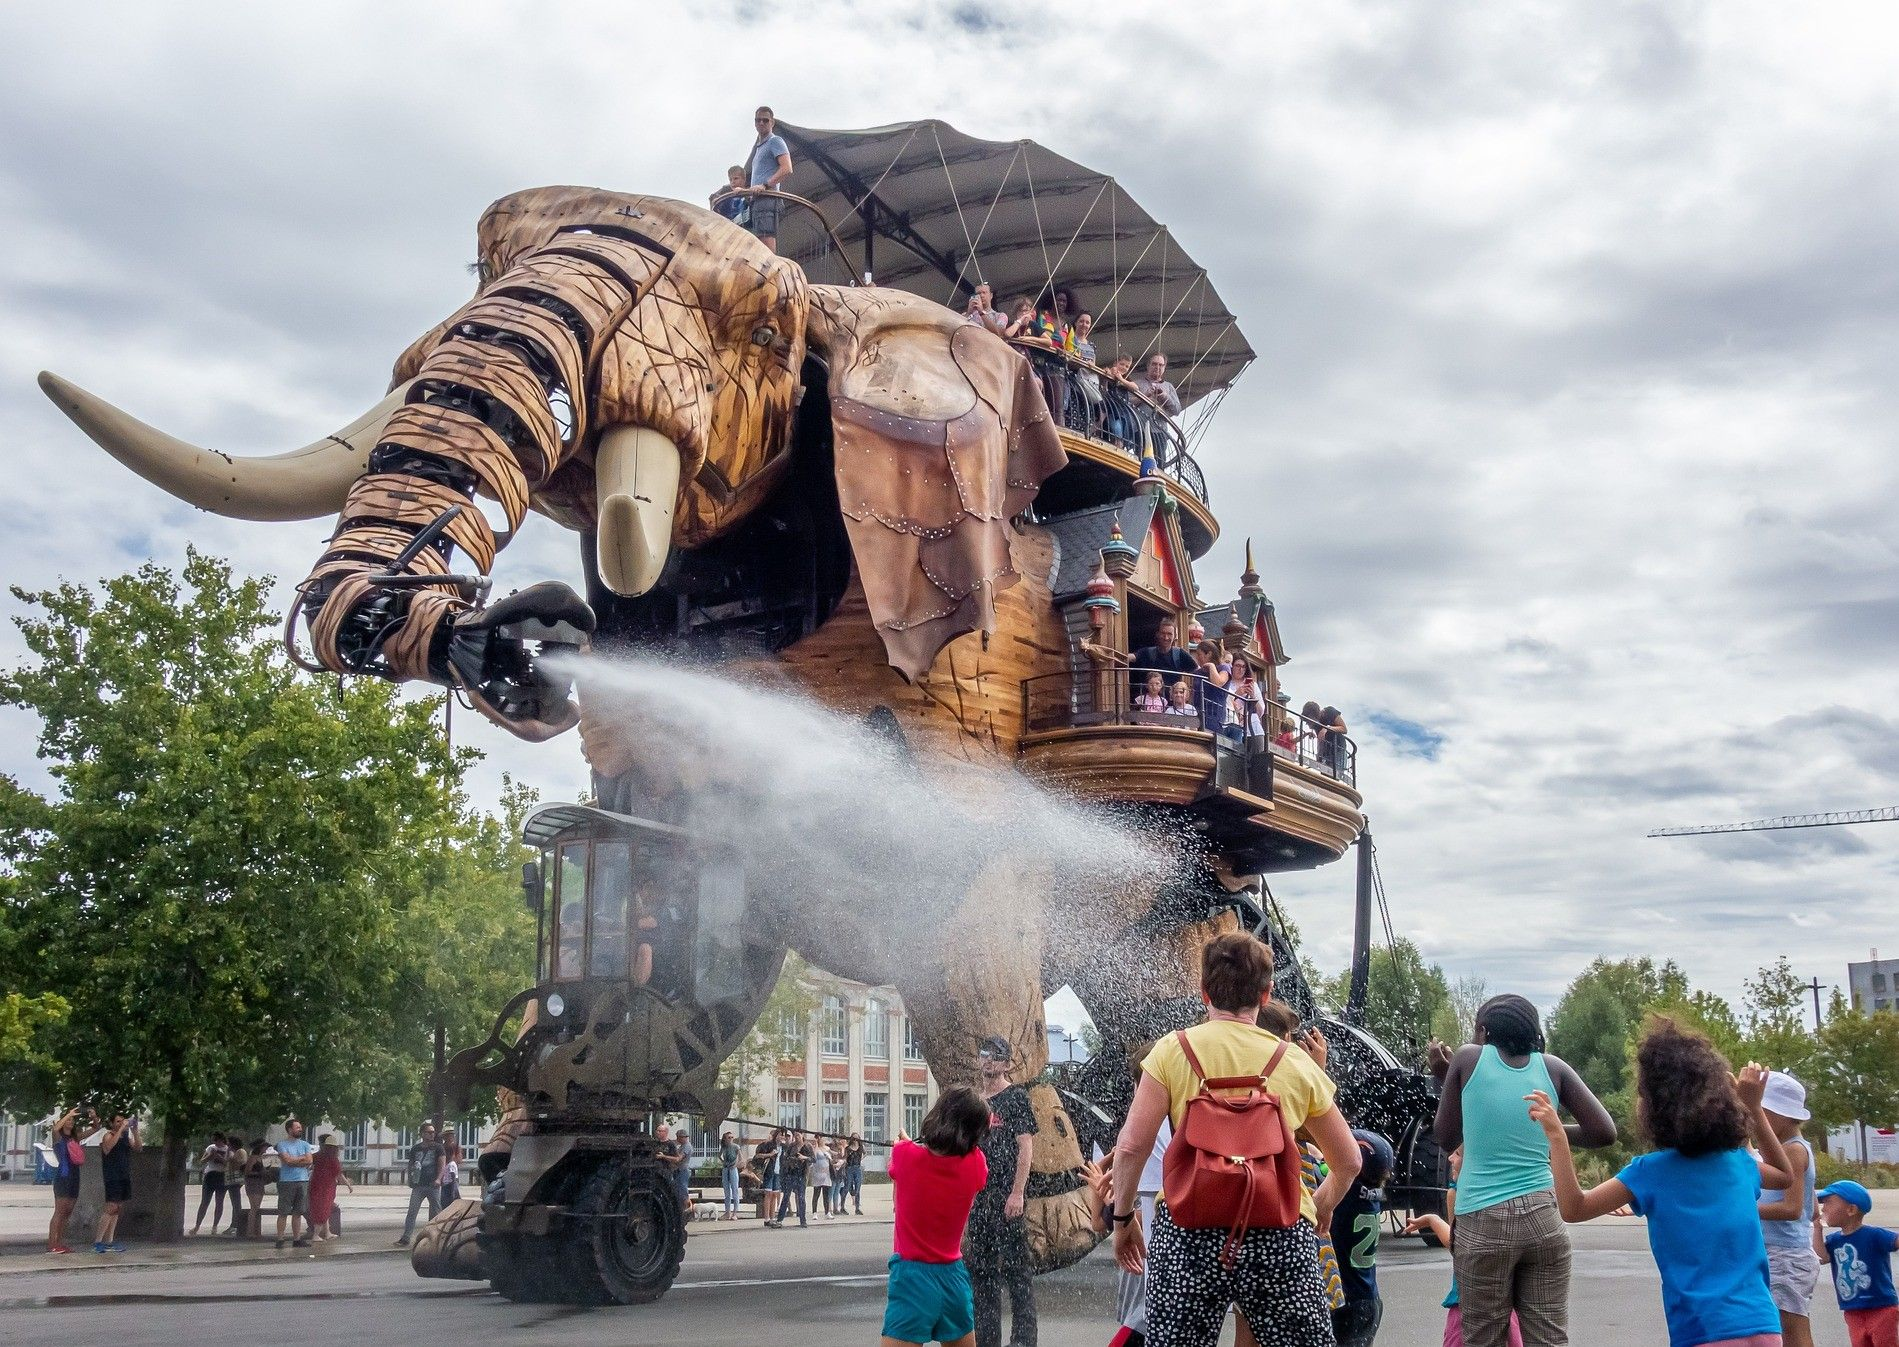 Eléphant des machines de l'île de Nantes, en Loire-Atlantique